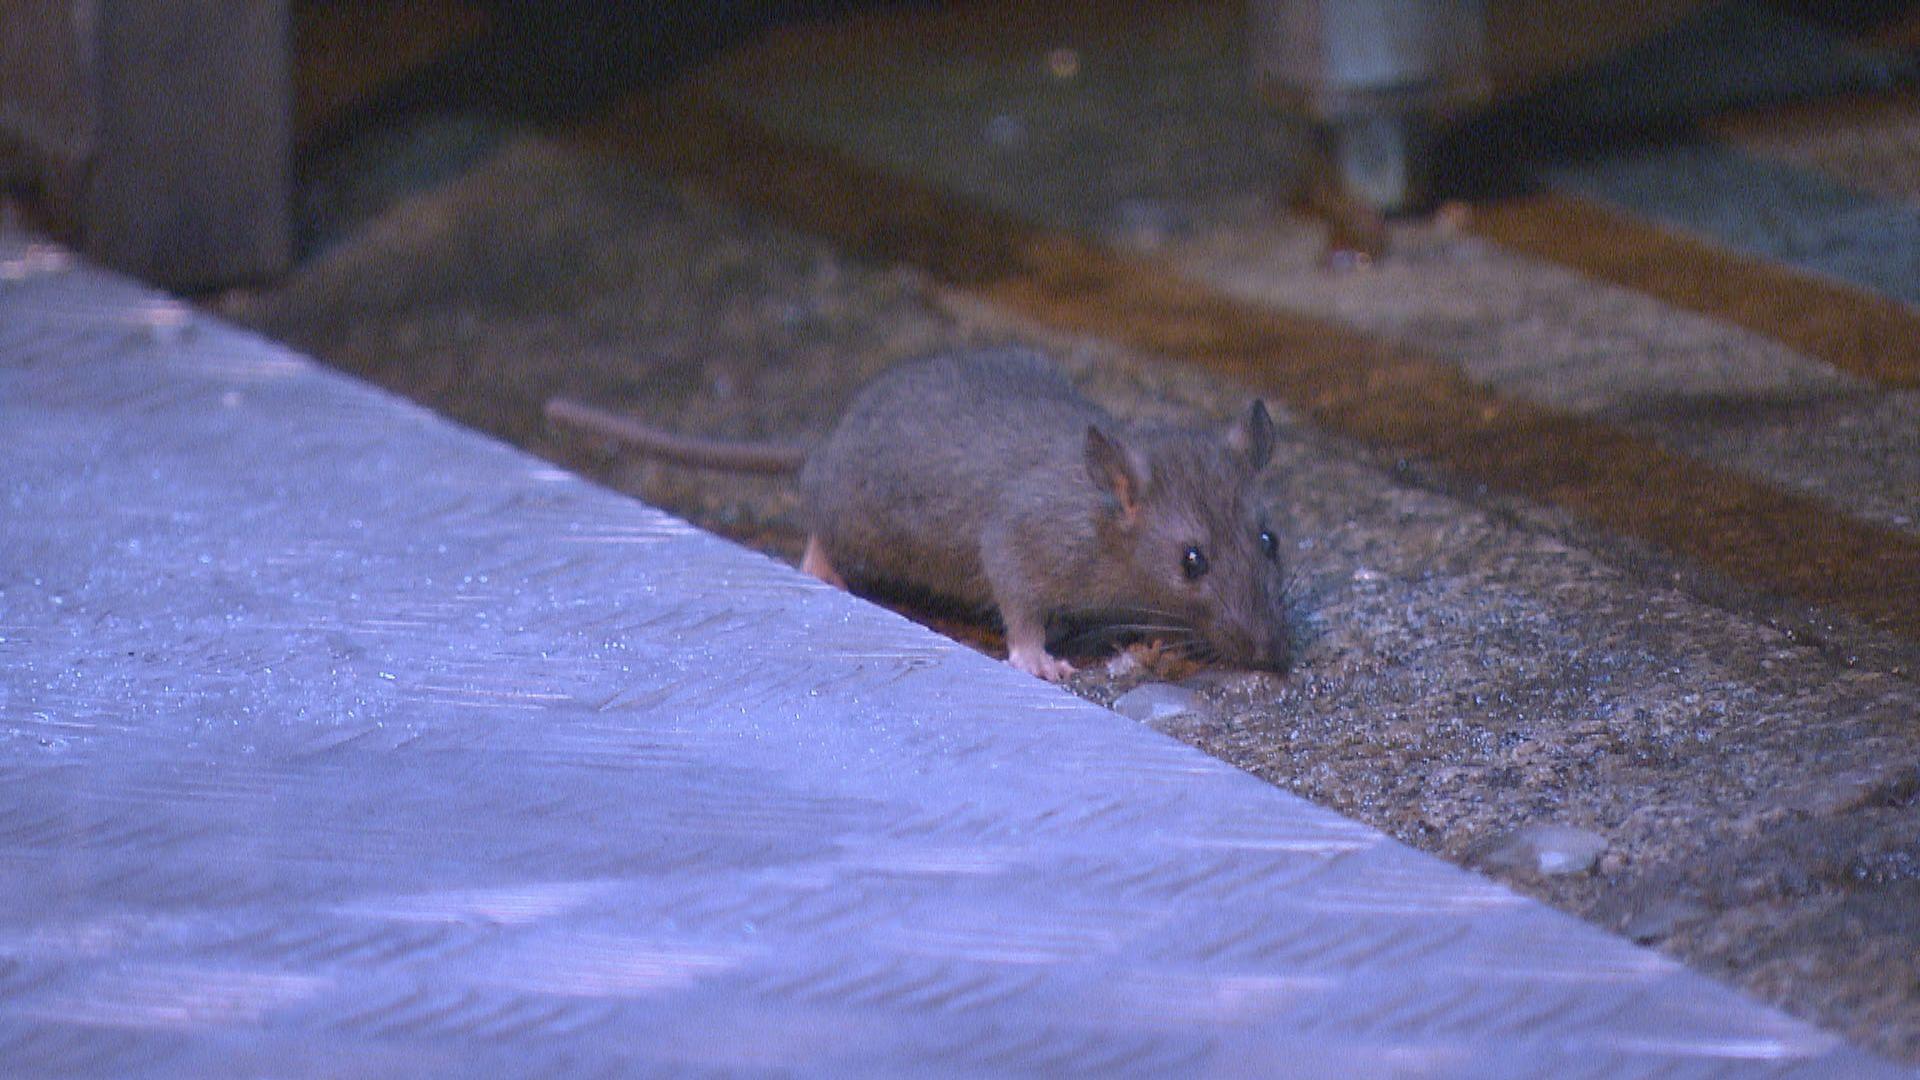 申訴專員主動調查食環署滅鼠成效